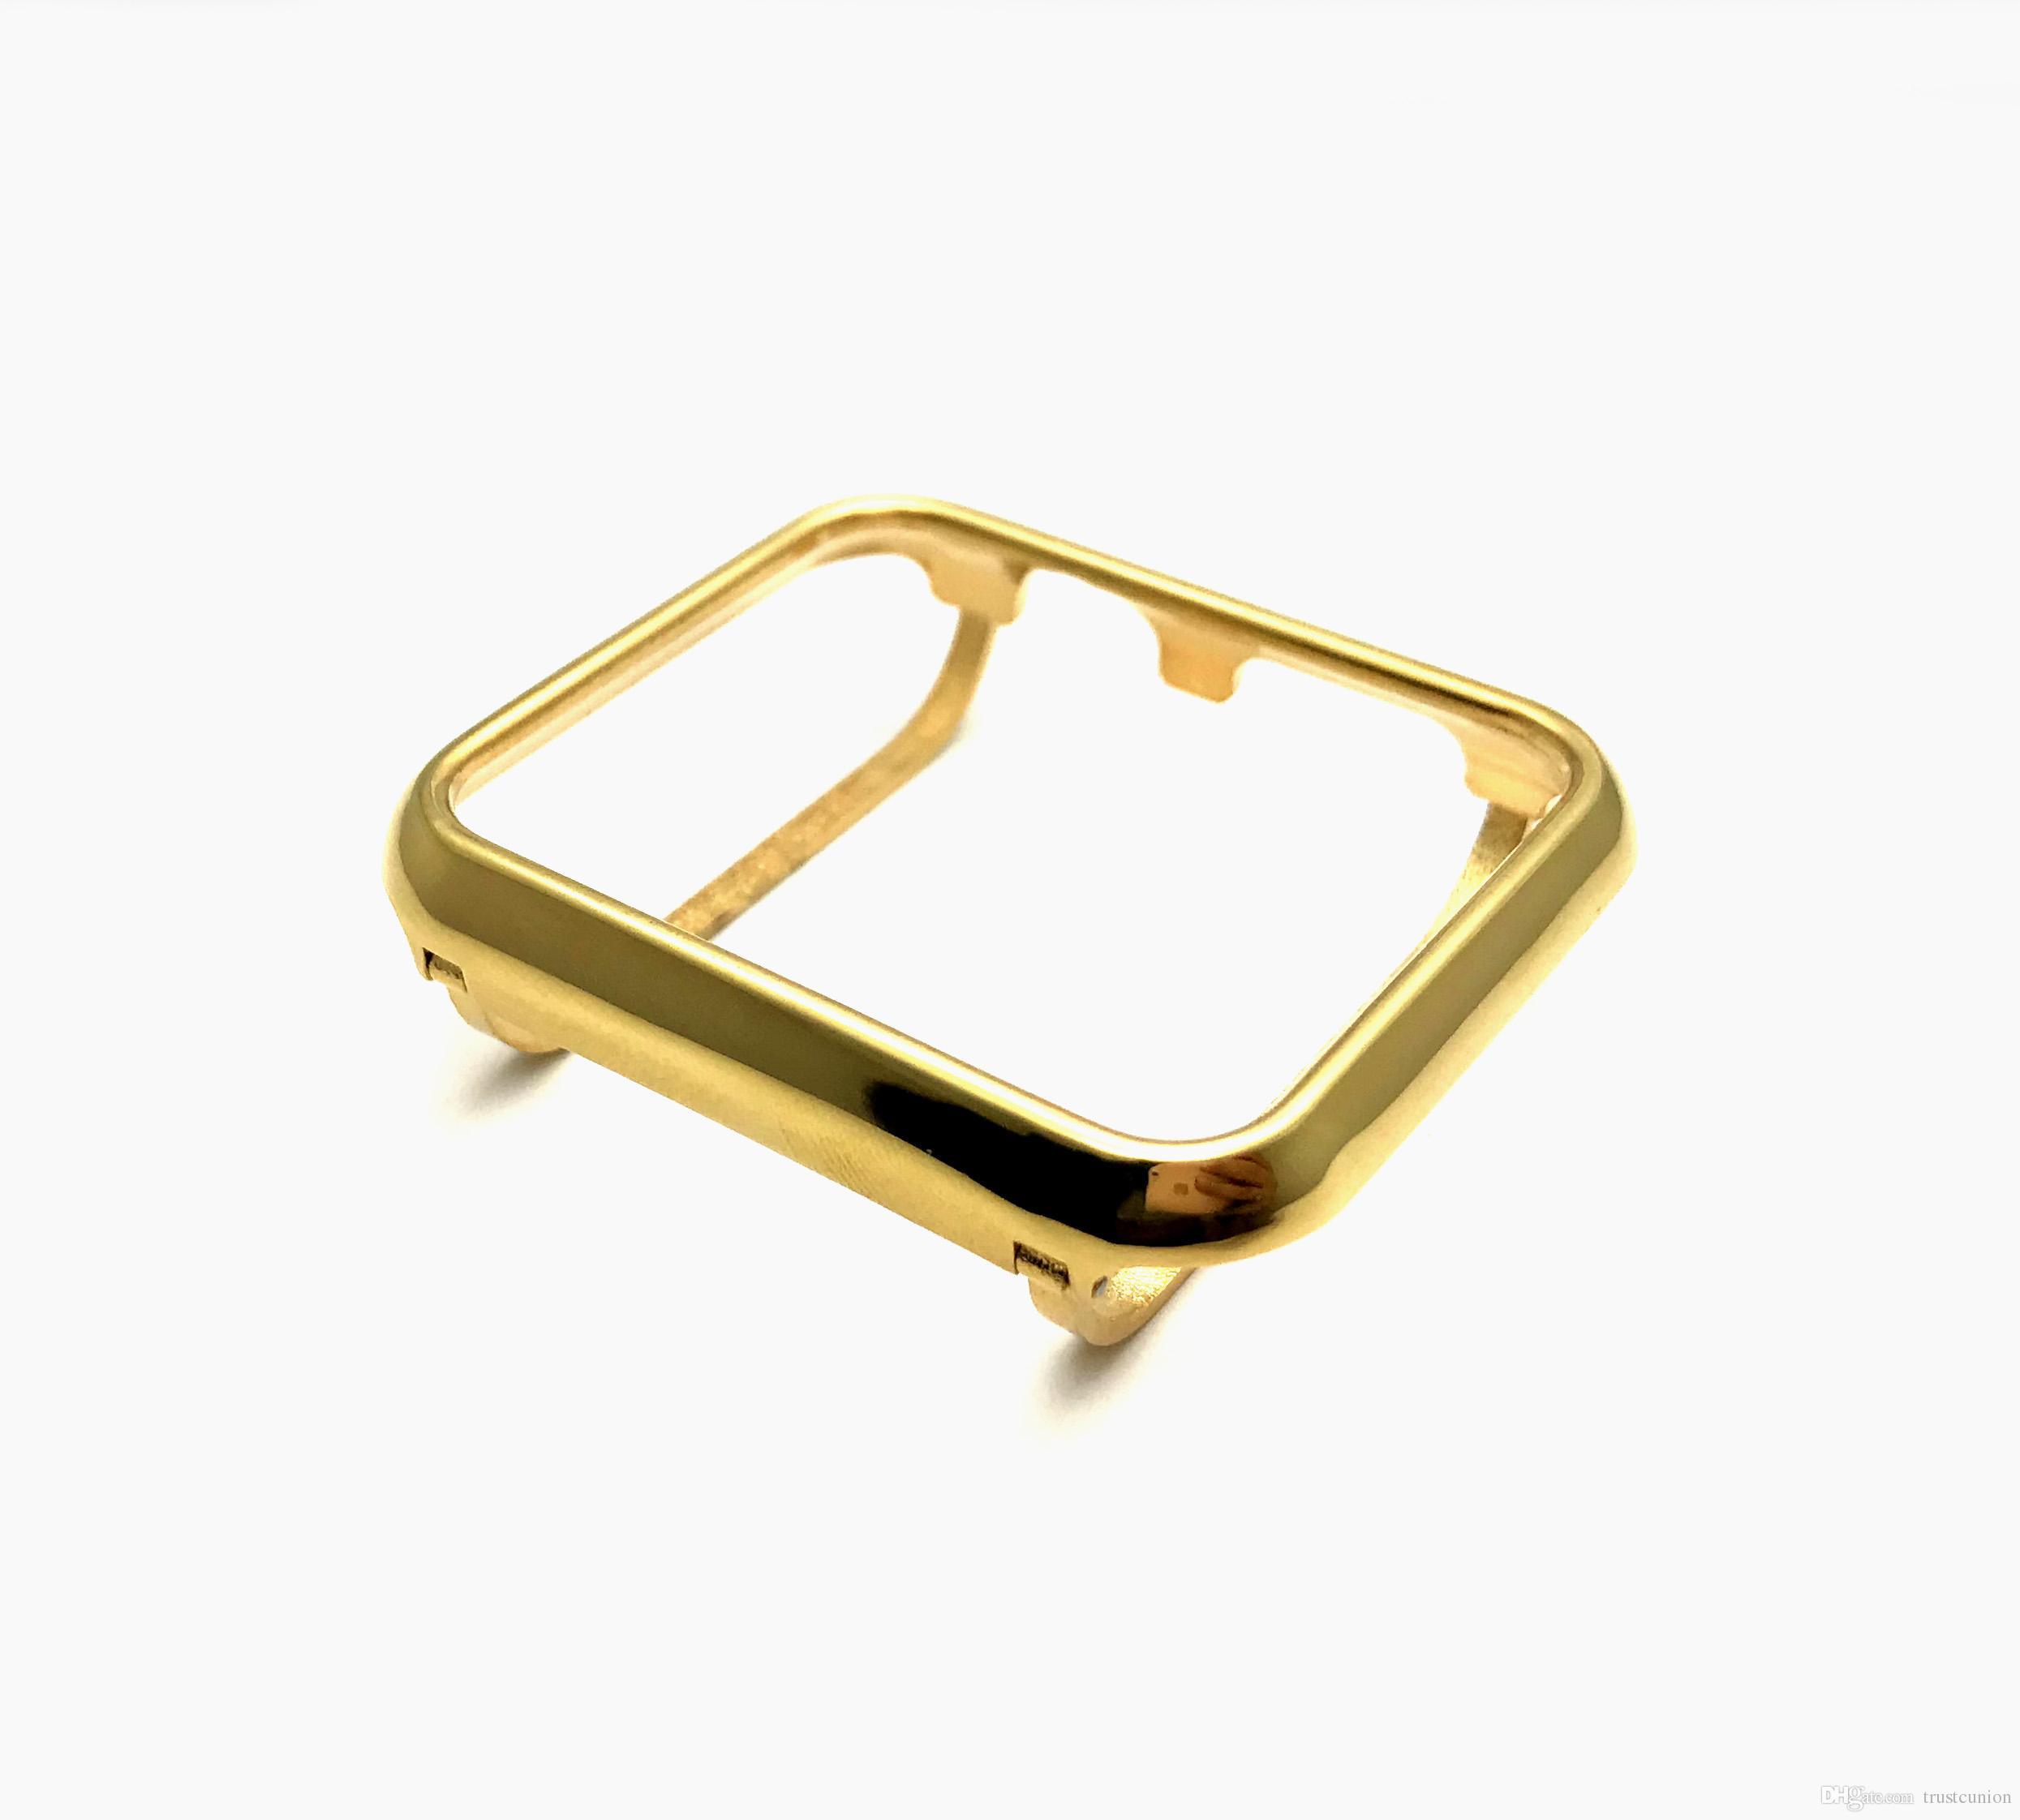 Caja de bisel de metal chapado en oro de 24 K para Apple Watch iWatch S1 / S2 / S3 SportsEdition Reloj para el tamaño más grande de oro / 42 mm